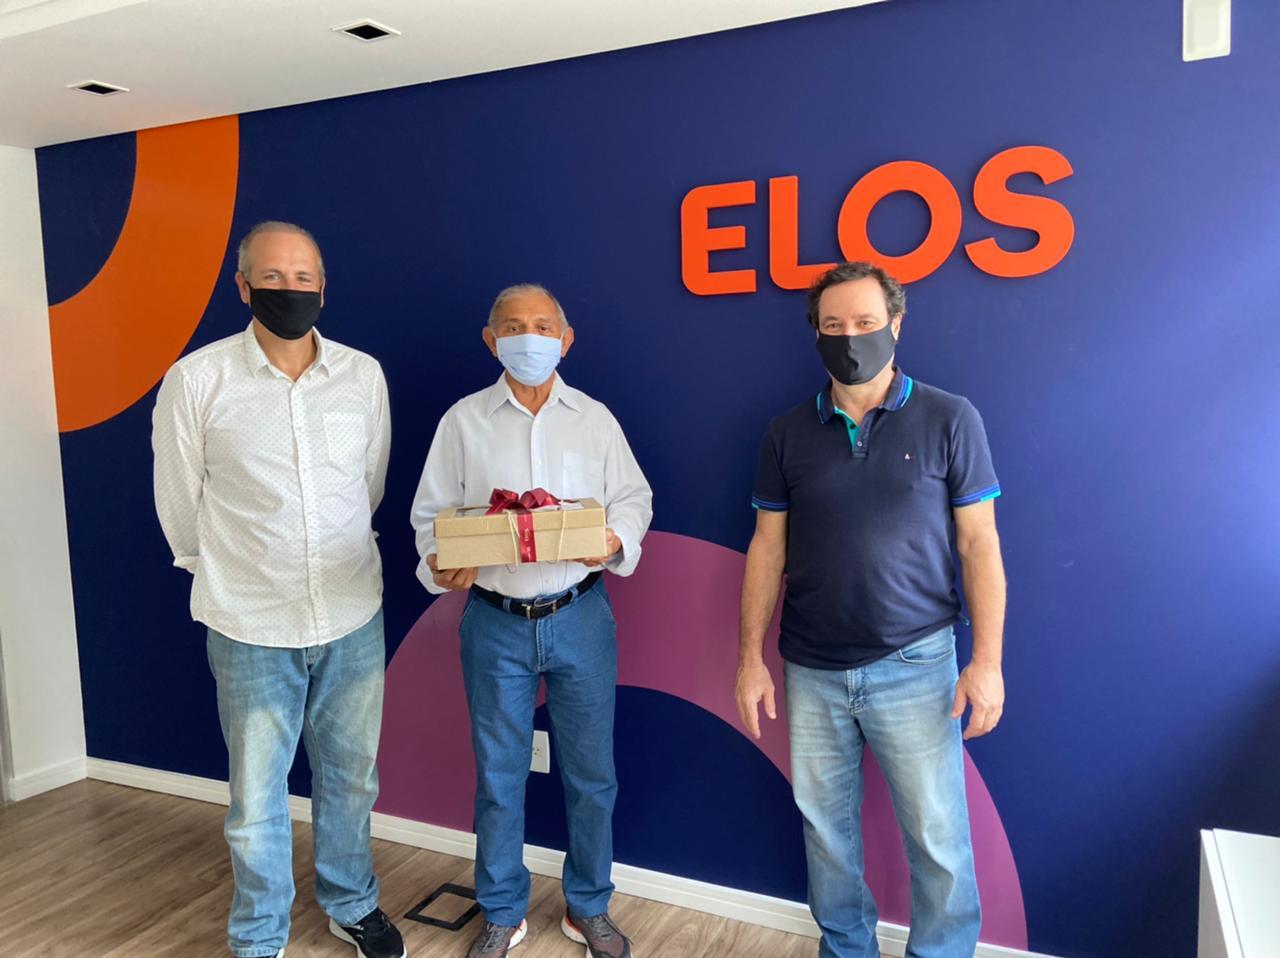 O Diretor da Associação dos Aposentados e Pensionistas da Eletrosul (AAPE), Deusdete de França Saraiva, e o Diretor de Seguridade, Roberto Helou